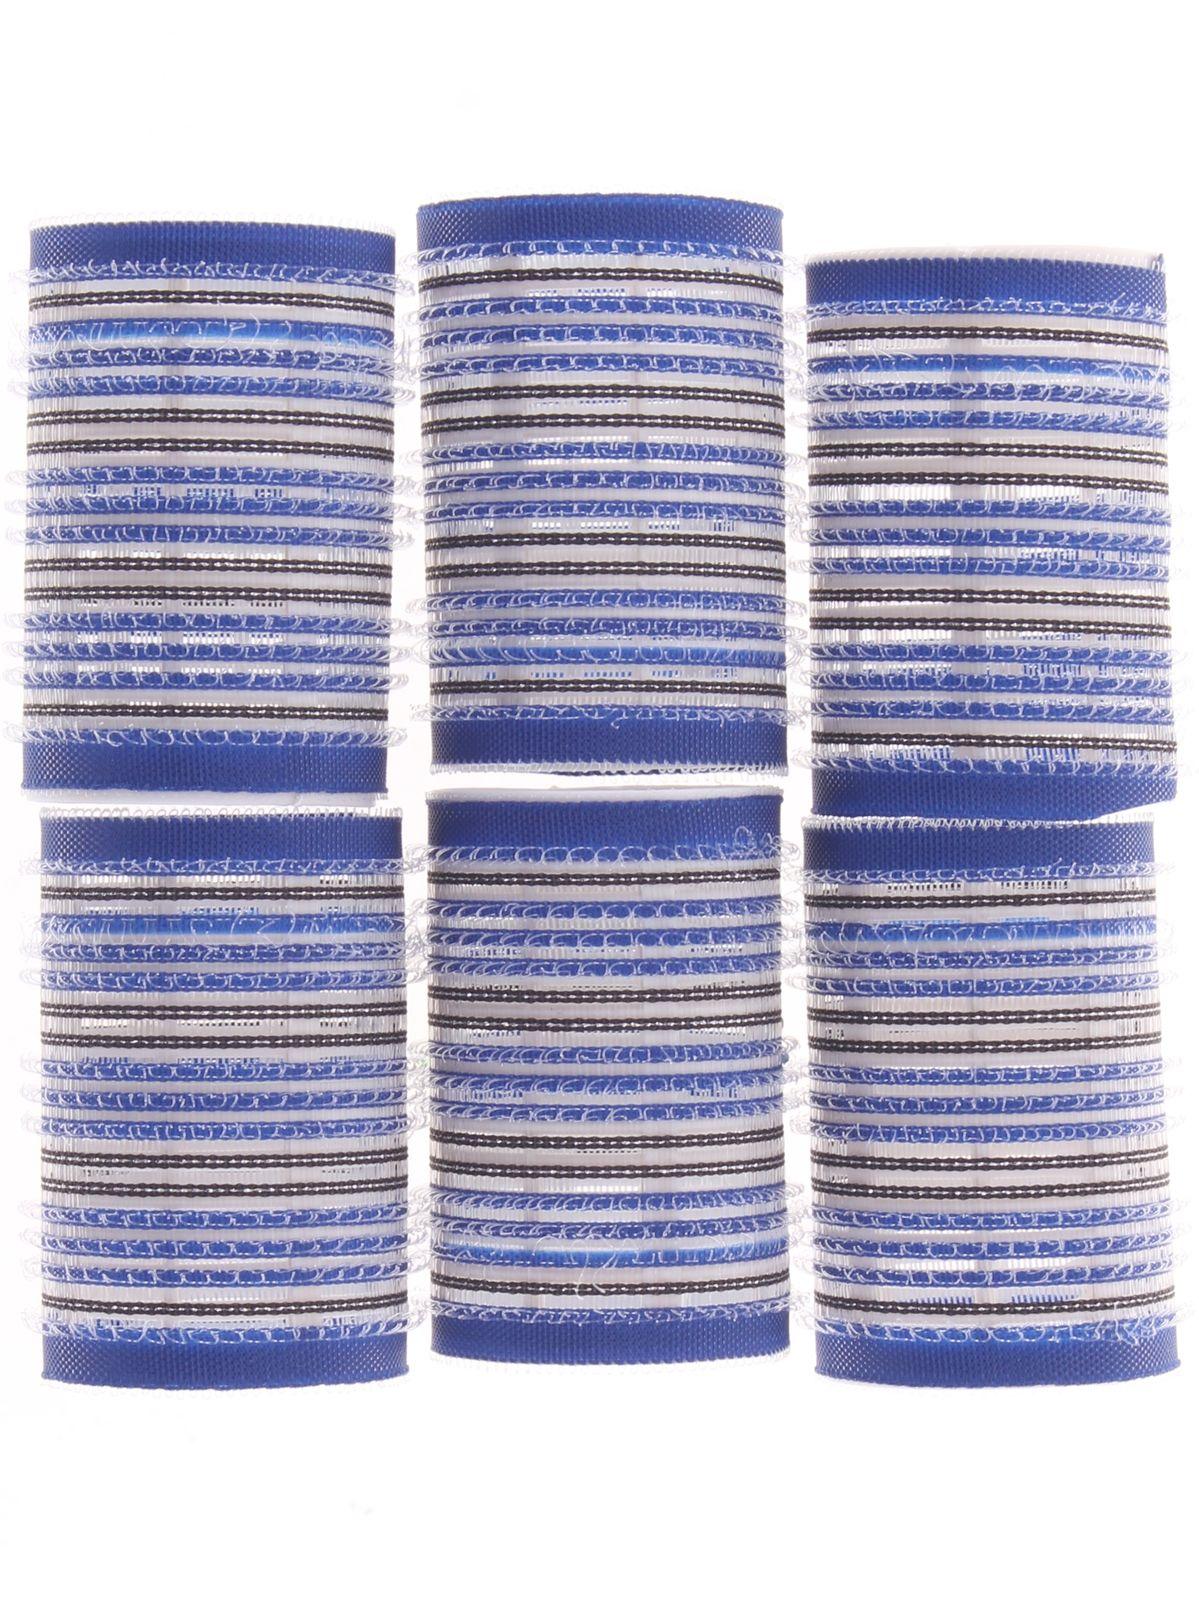 Бигуди-липучки Выручалочка, 7426936737538, диаметр 4 см, 6 шт бигуди выручалочка 7426936737293 диаметр 2 см 18 шт